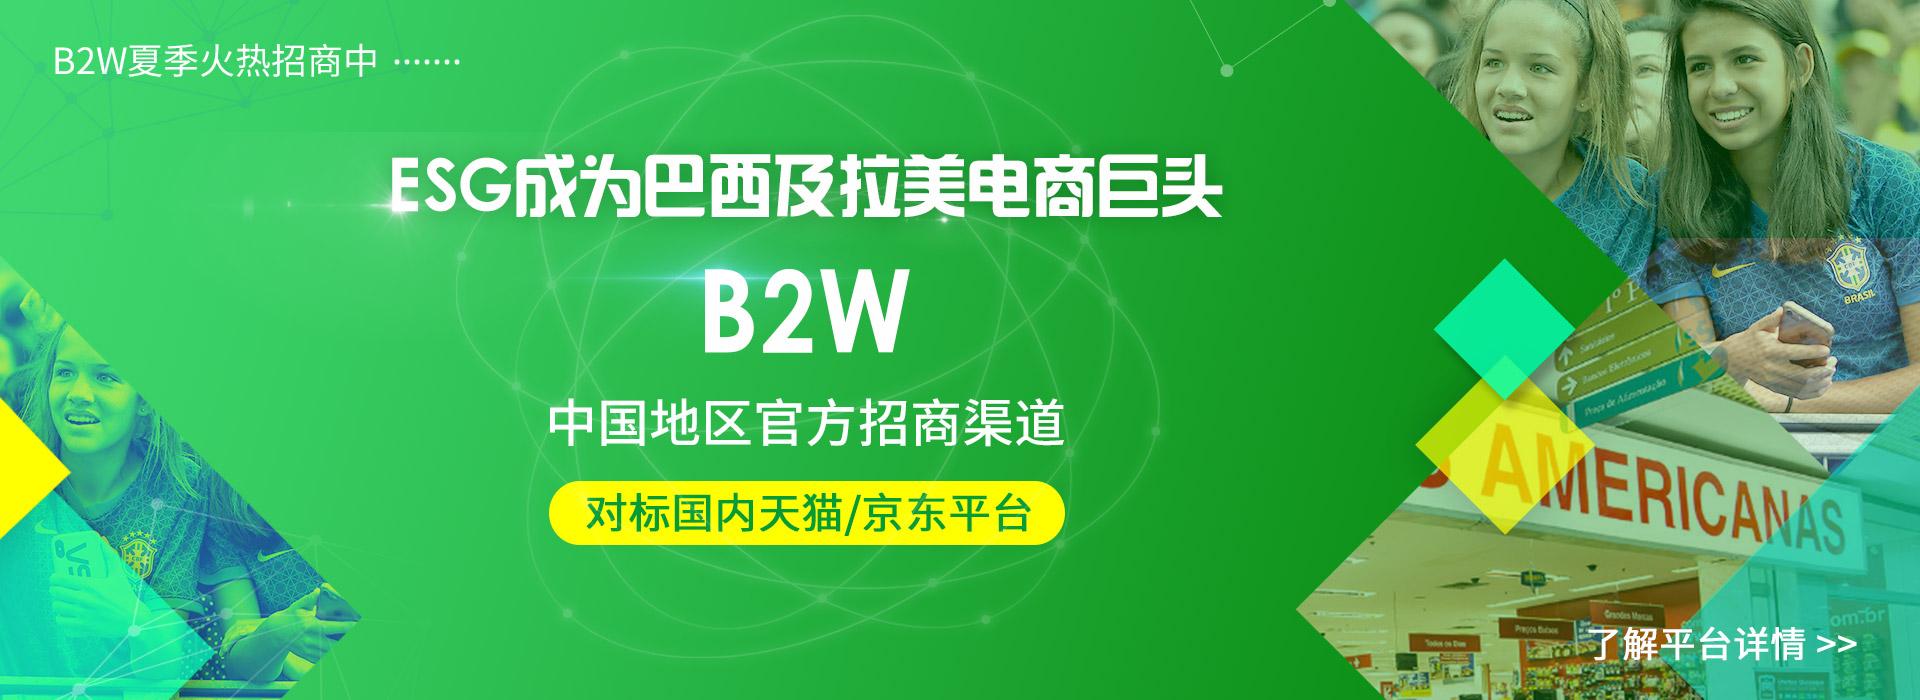 巴西本土最大的电商平台B2W